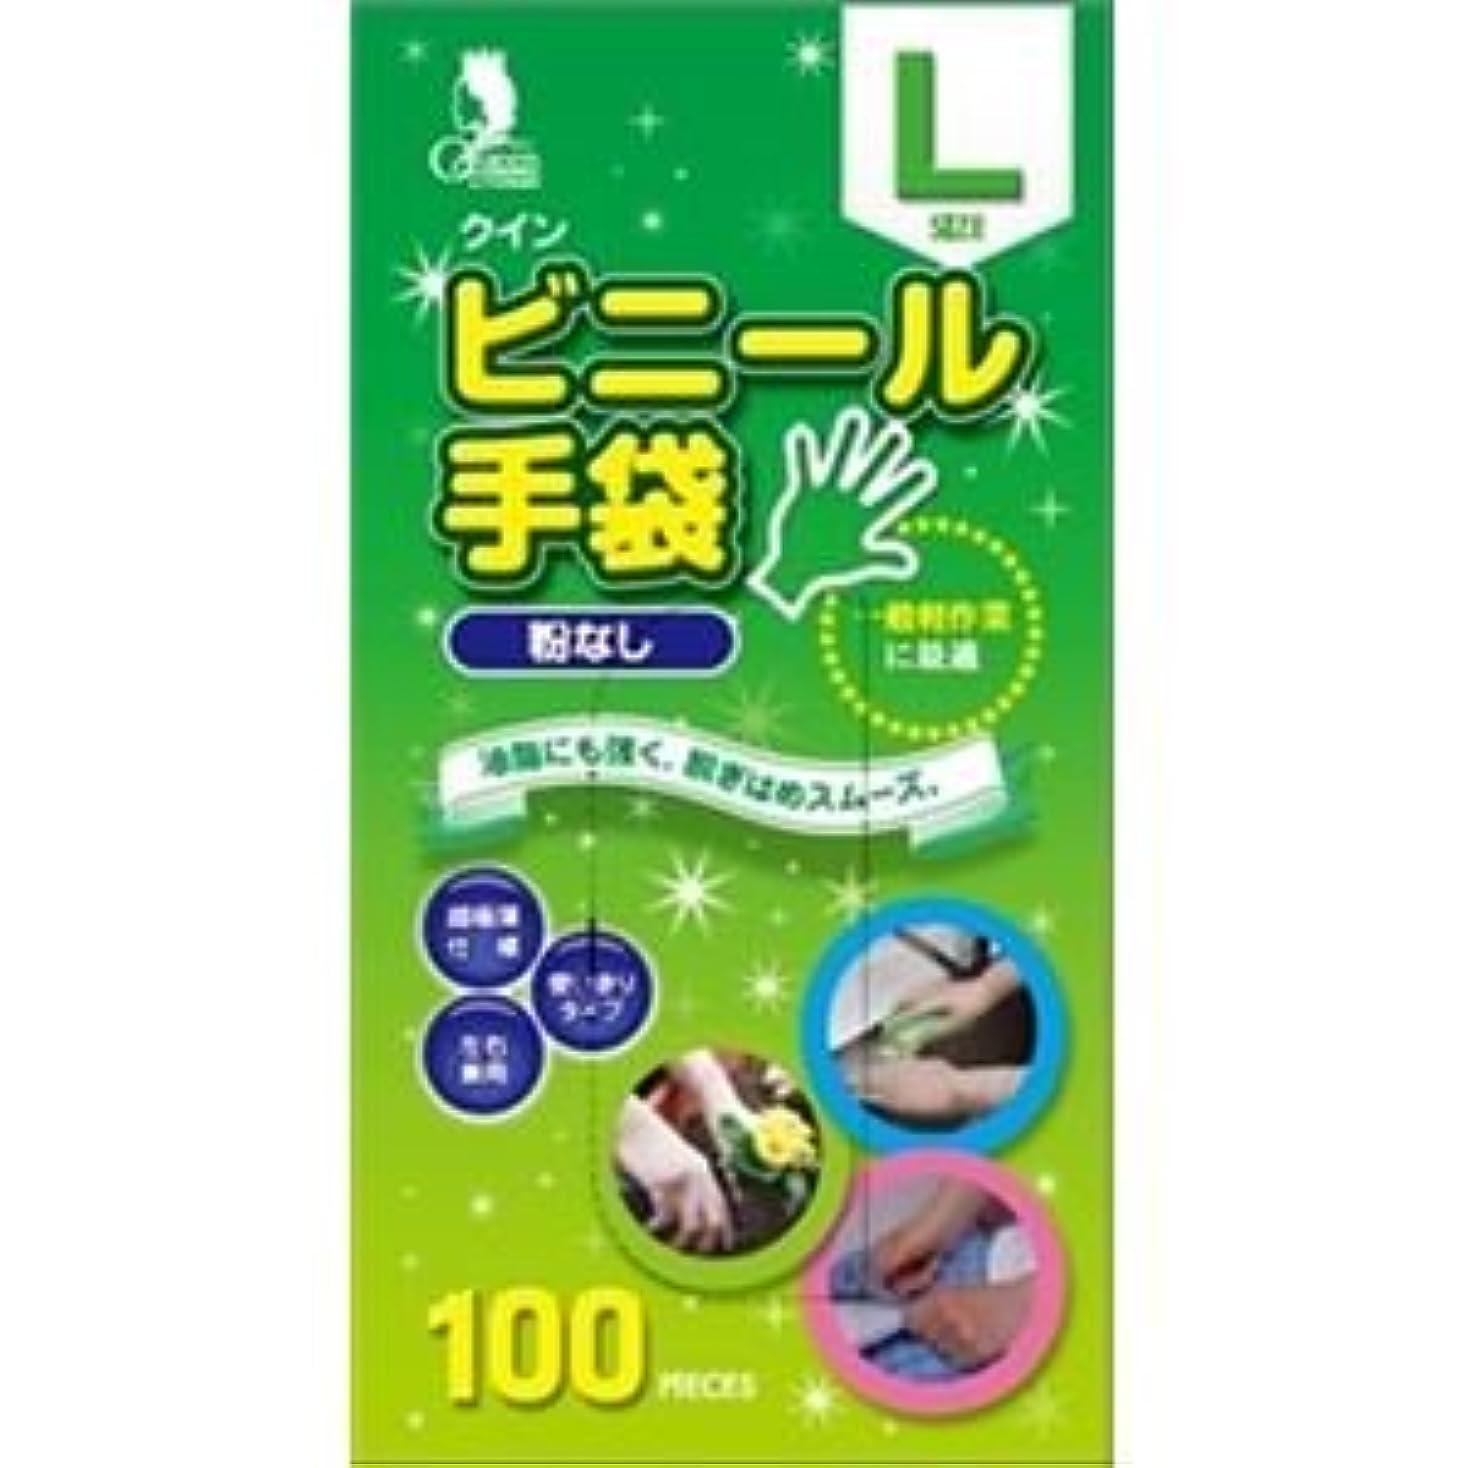 外部再生発掘(まとめ)宇都宮製作 クインビニール手袋100枚入 L (N) 【×3点セット】